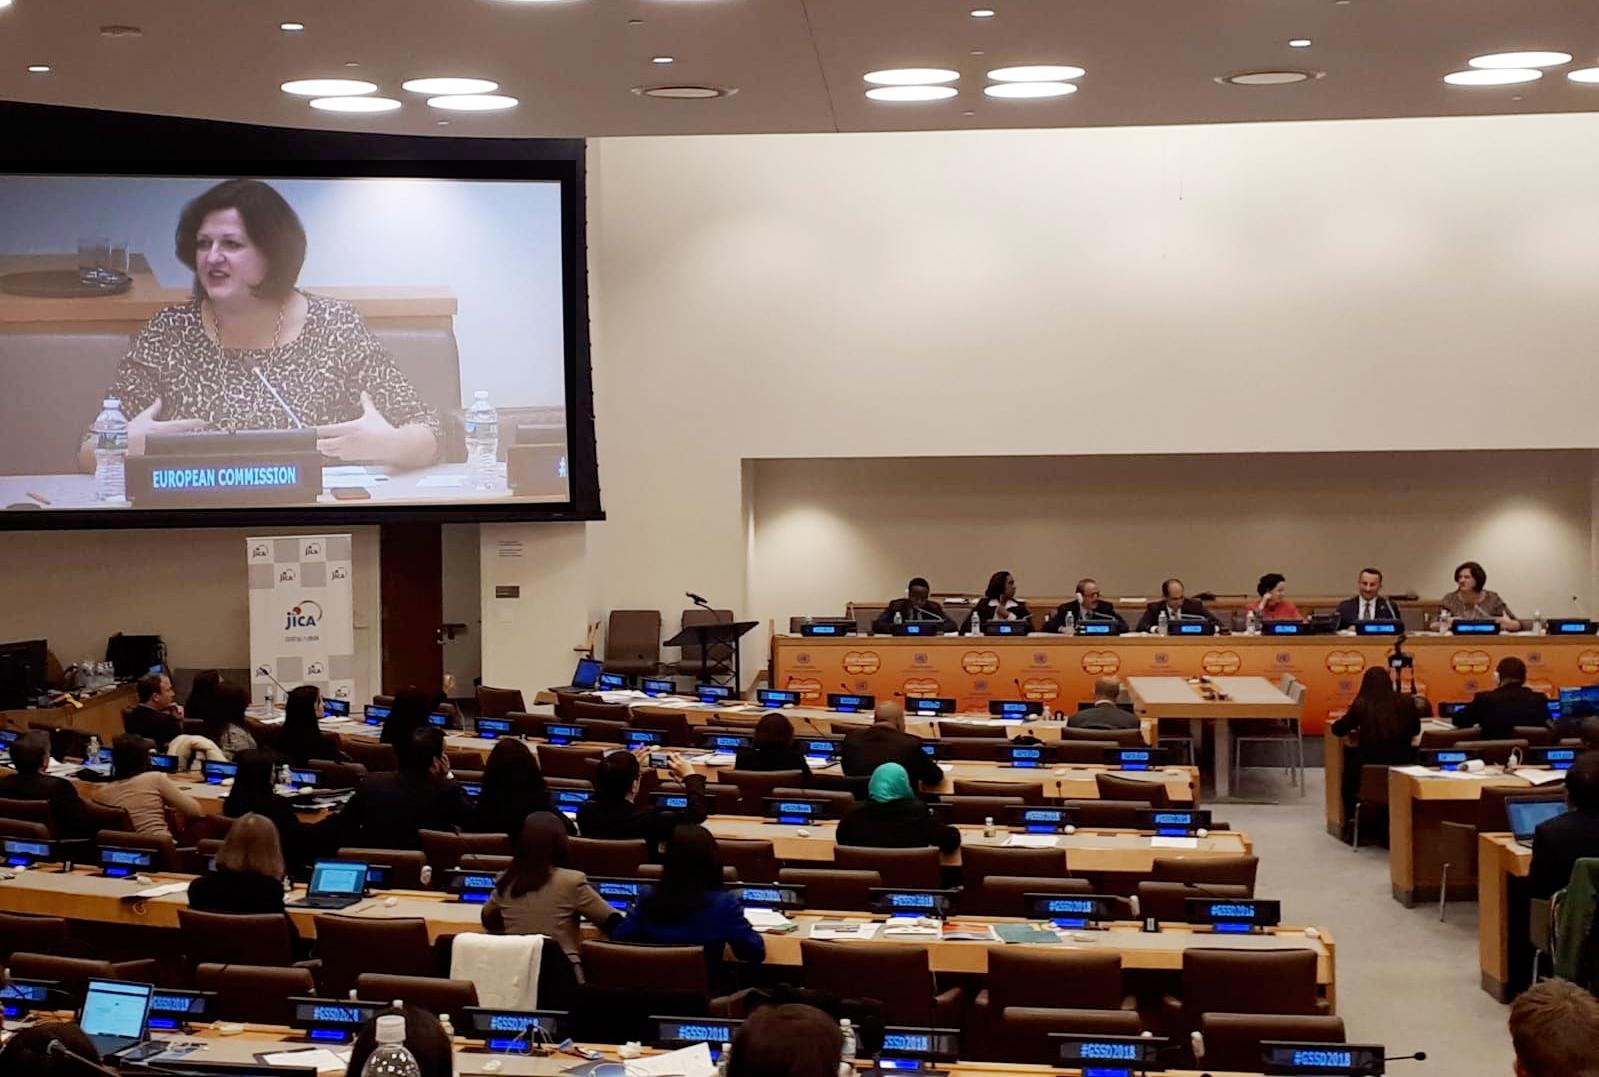 """La Sra. Jolita Butkeviciene en el evento sobre CSS en el ámbito regional destacó el papel clave de la UE a través de la Cooperación Triangular, enmarcada en principios y acuerdos de NNUU y con los ODS como referencia, como un vehículo hacia un """"healty multilateralism""""."""